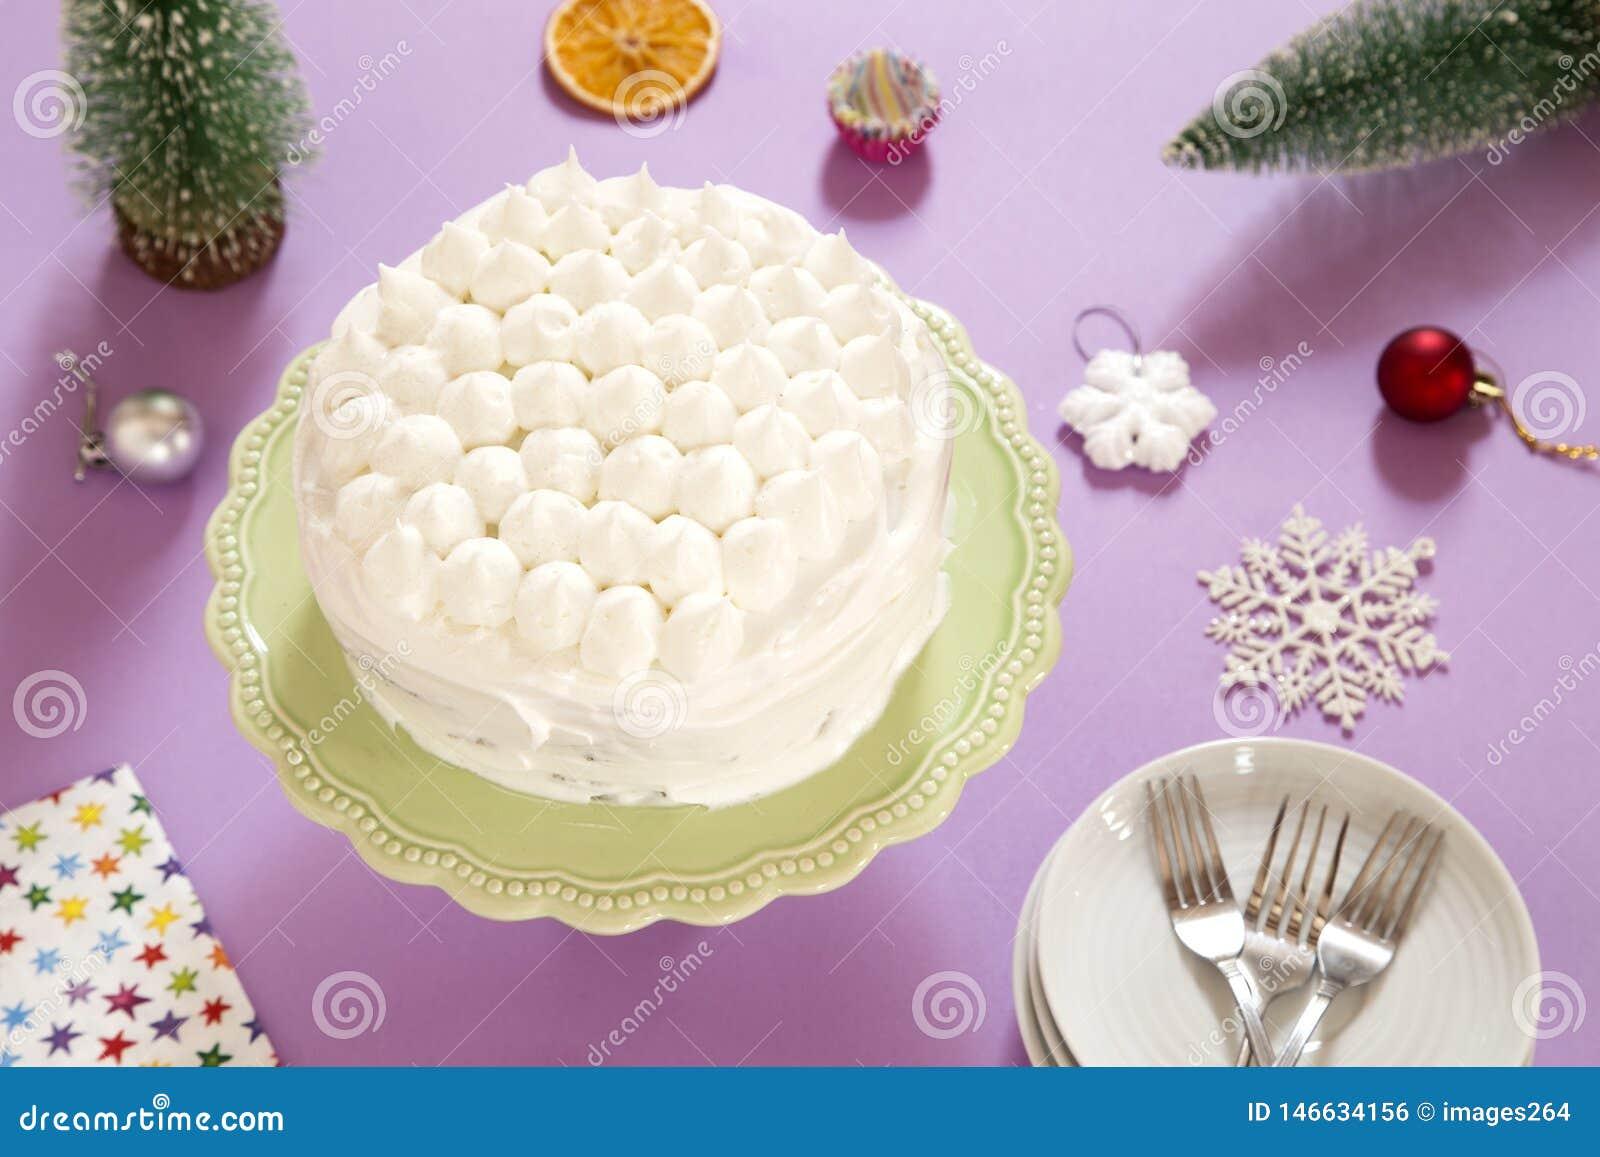 Torte avec de la crème